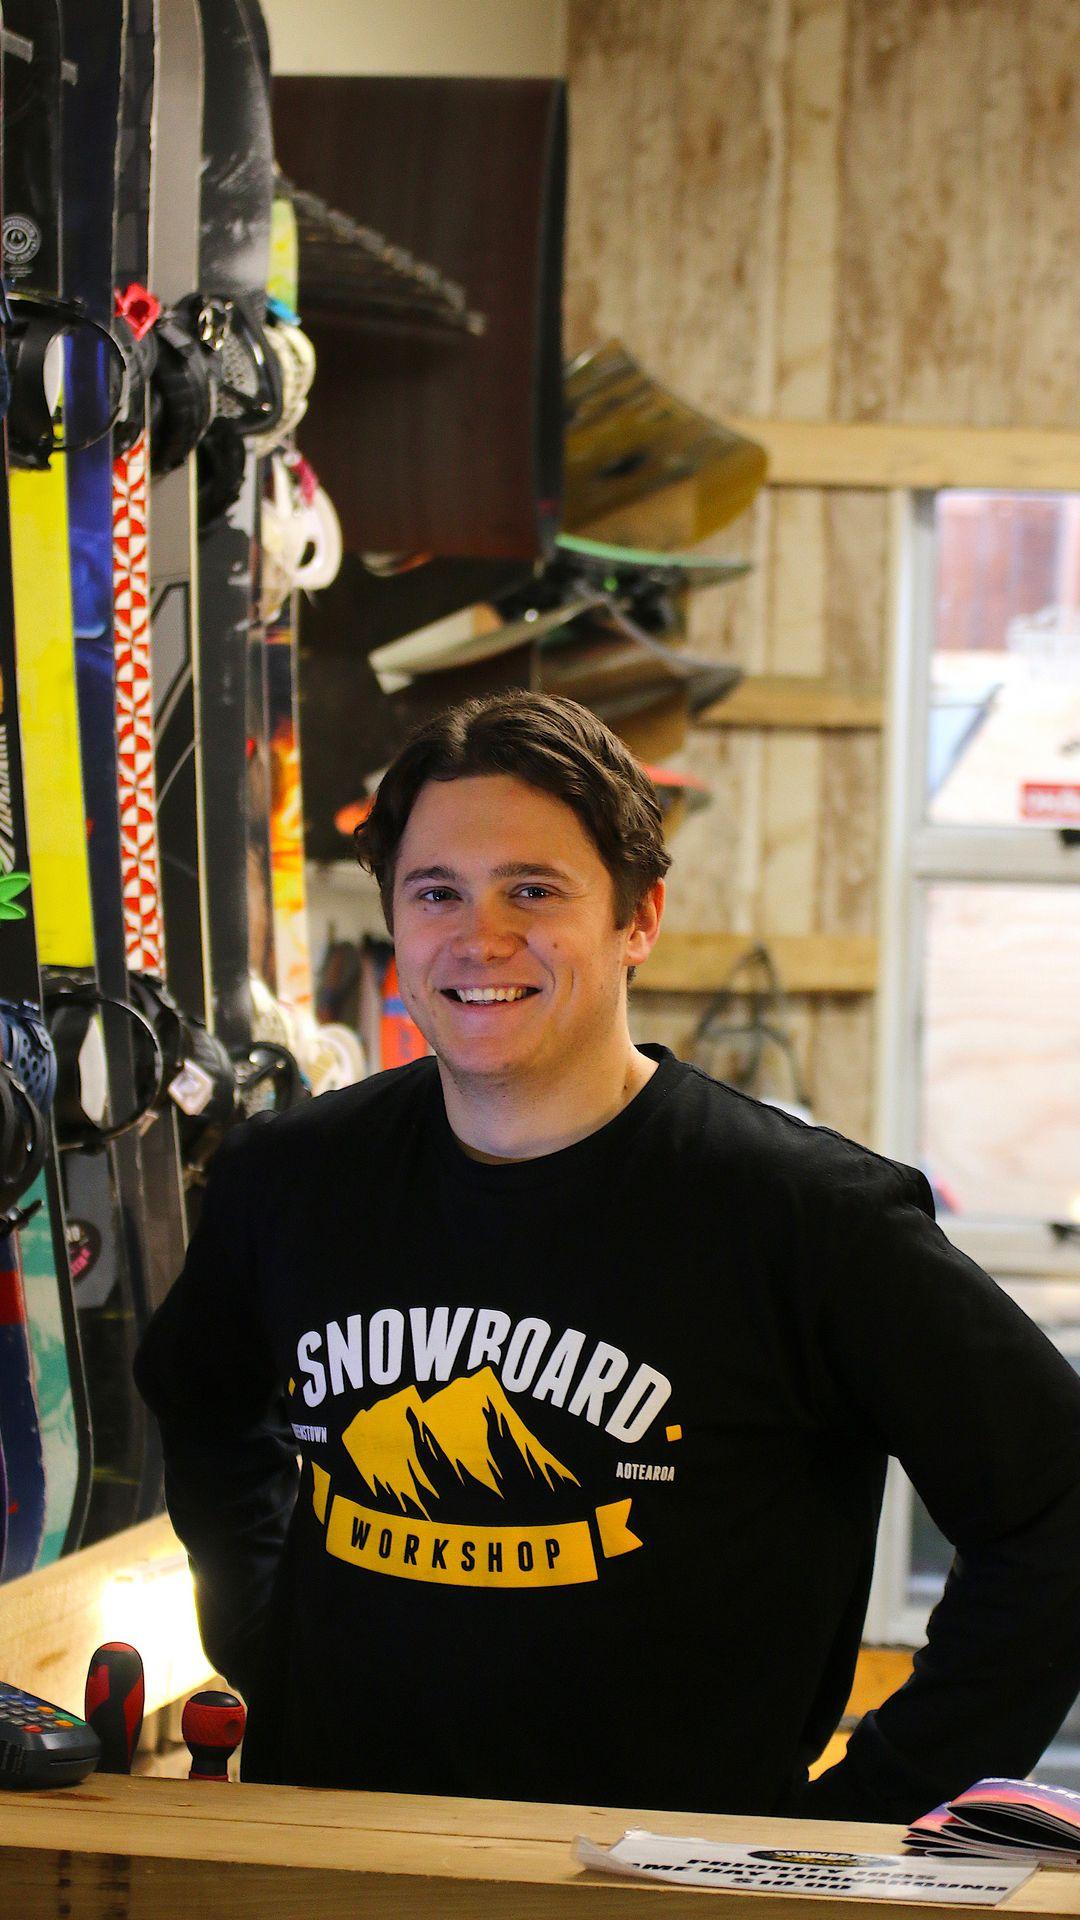 Michael workshop.jpg